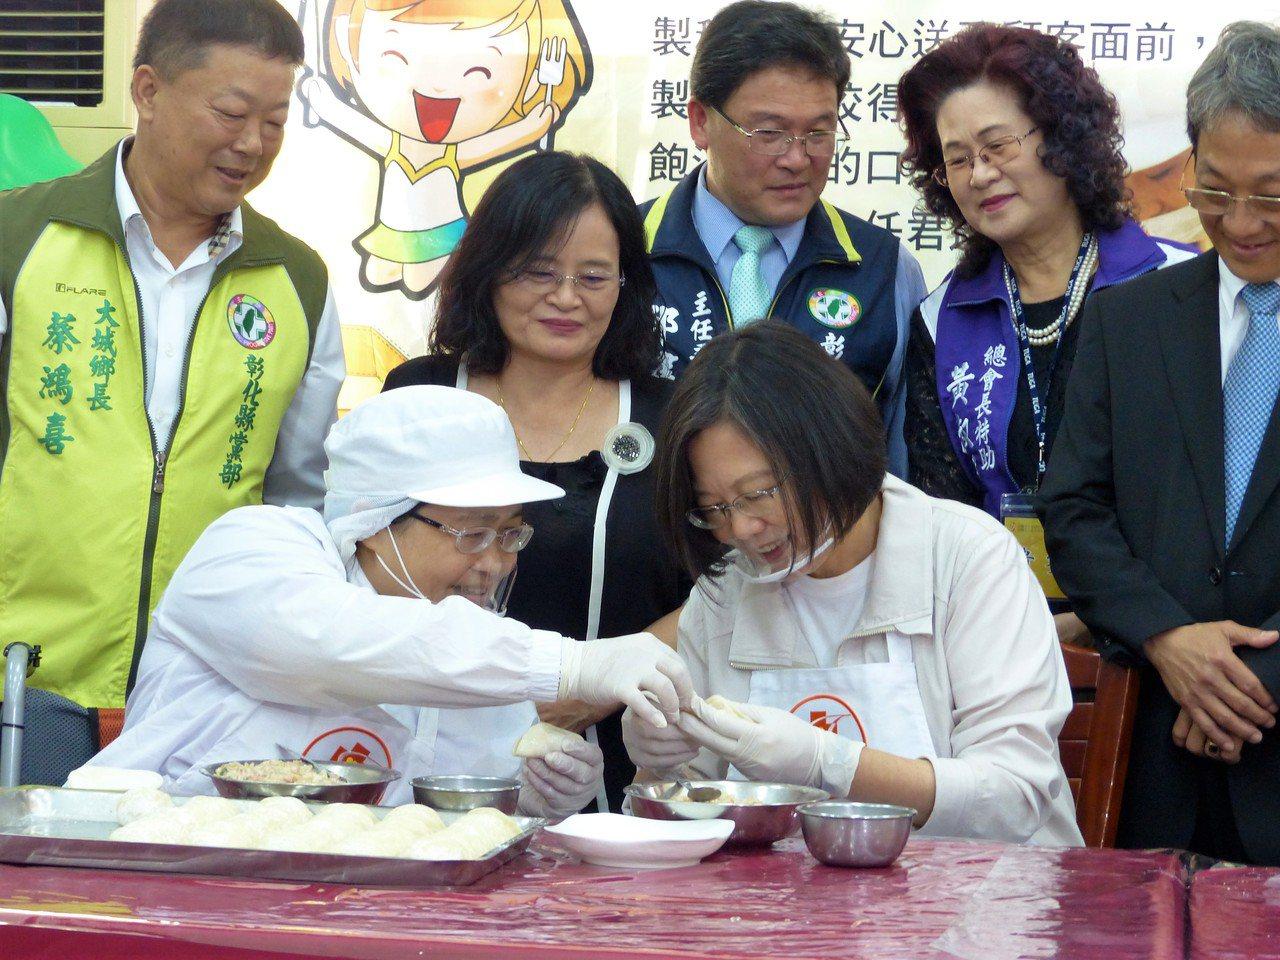 總統蔡英文向喜樂水餃坊的工作夥伴學習如何包出漂亮的水餃。記者凌筠婷/攝影